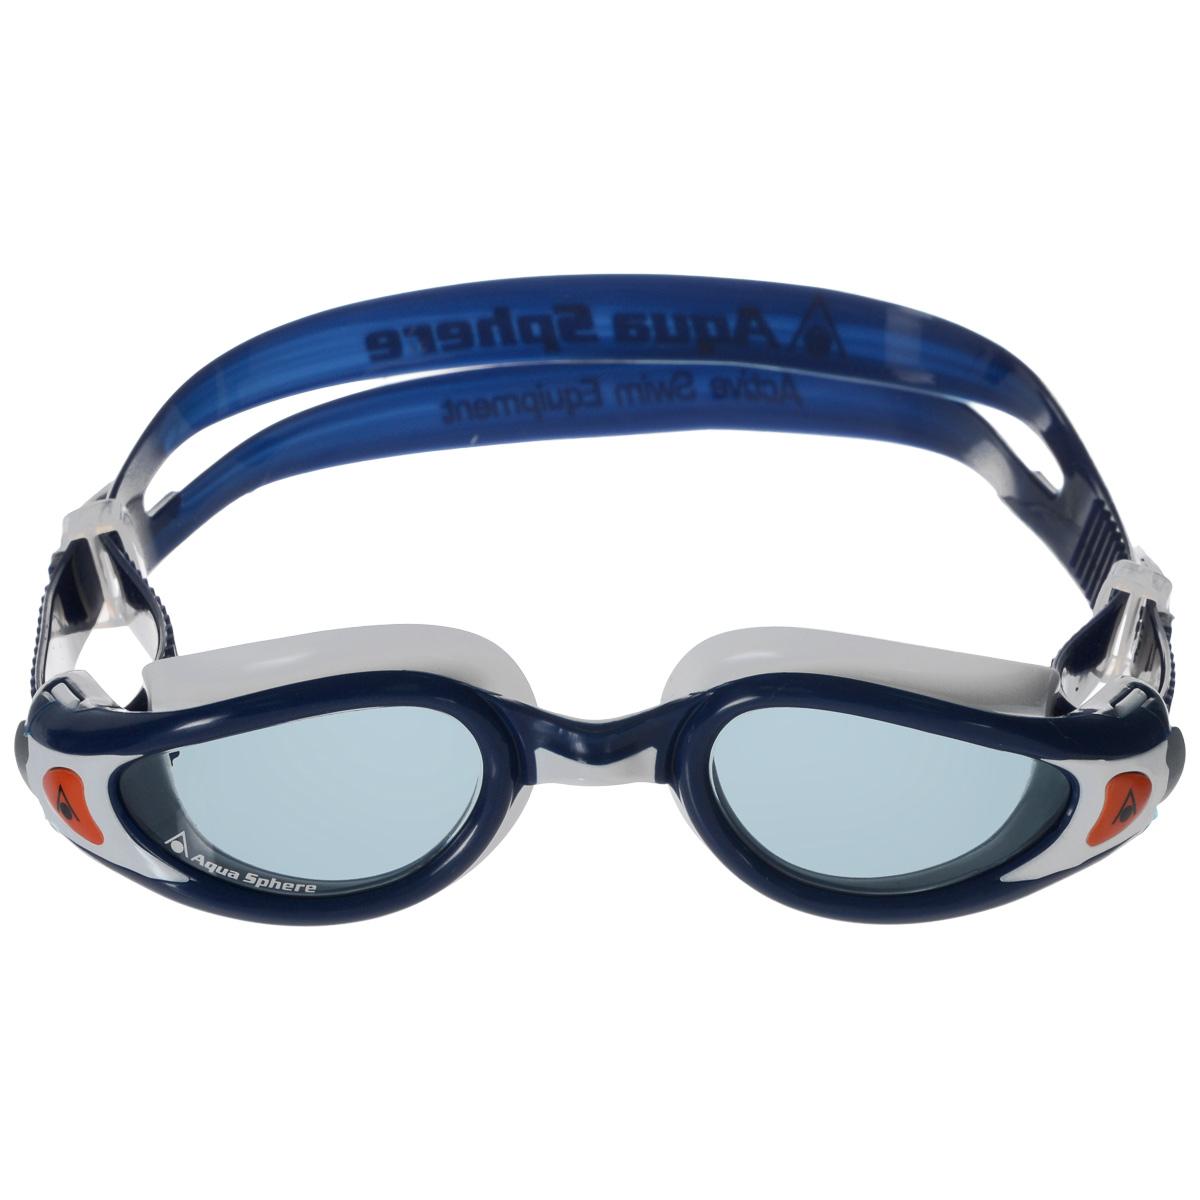 Очки для плавания Aqua Sphere Kaiman Exo Junior, цвет: белый, синийTN 175810Легкие детские очки Aqua Sphere Kaiman Exo (вес всего 34 грамма) идеально подходят для плавания в бассейне или открытой воде. Особая технология изогнутых линз позволяет обеспечить превосходный обзор в 180°, не искажая при этом изображение. Очки дают 100% защиту от ультрафиолетового излучения. Специальное покрытие препятствует запотеванию стекол. Новая технология каркаса EXO-core bi-material обеспечивает максимальную стабильность и комфорт.Подростковая обновленная версия популярных очков Aqua Sphere Kaiman сохраняет все лучшее от взрослой модели.Эластичная саморегулирующаяся переносица.Комфорт и долговечность.Низкопрофильный дизайн.Материал: софтерил, plexisol.